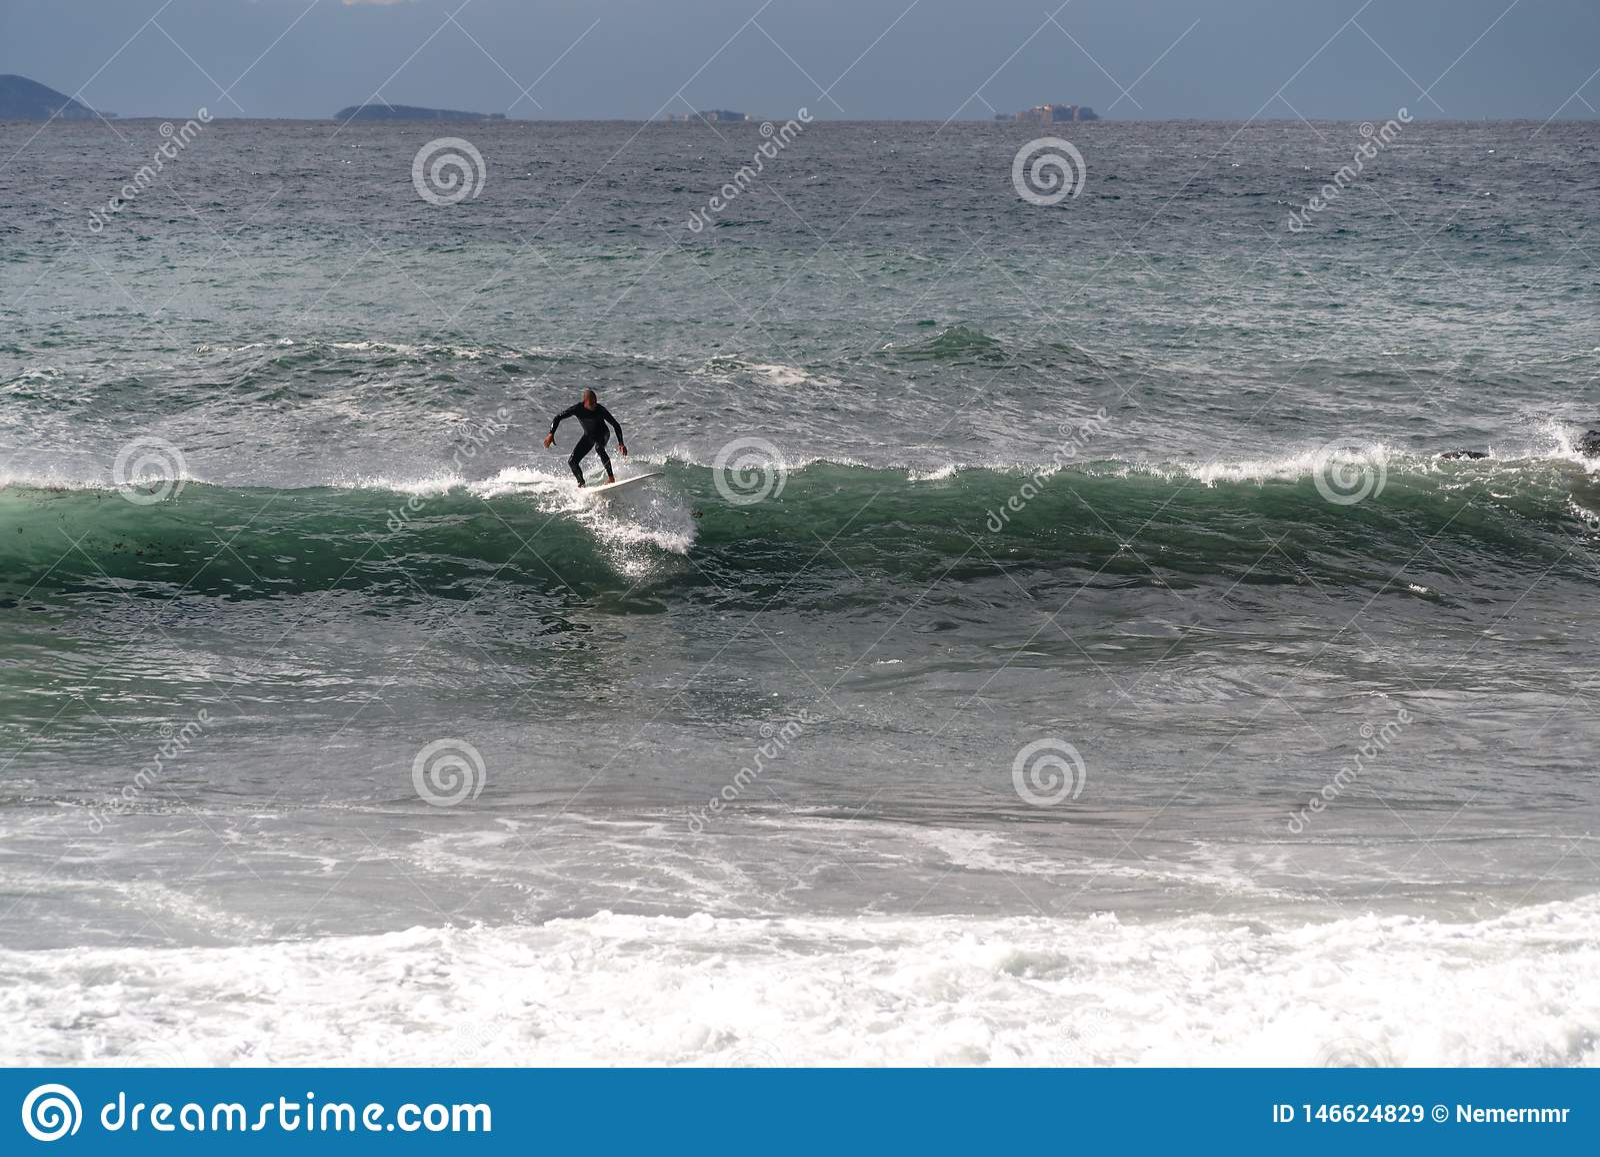 Le surfer prend une vague, sur une planche de surf, des glissi?res le long de la vague, ? l arri?re-plan de la montagne, Sorrente